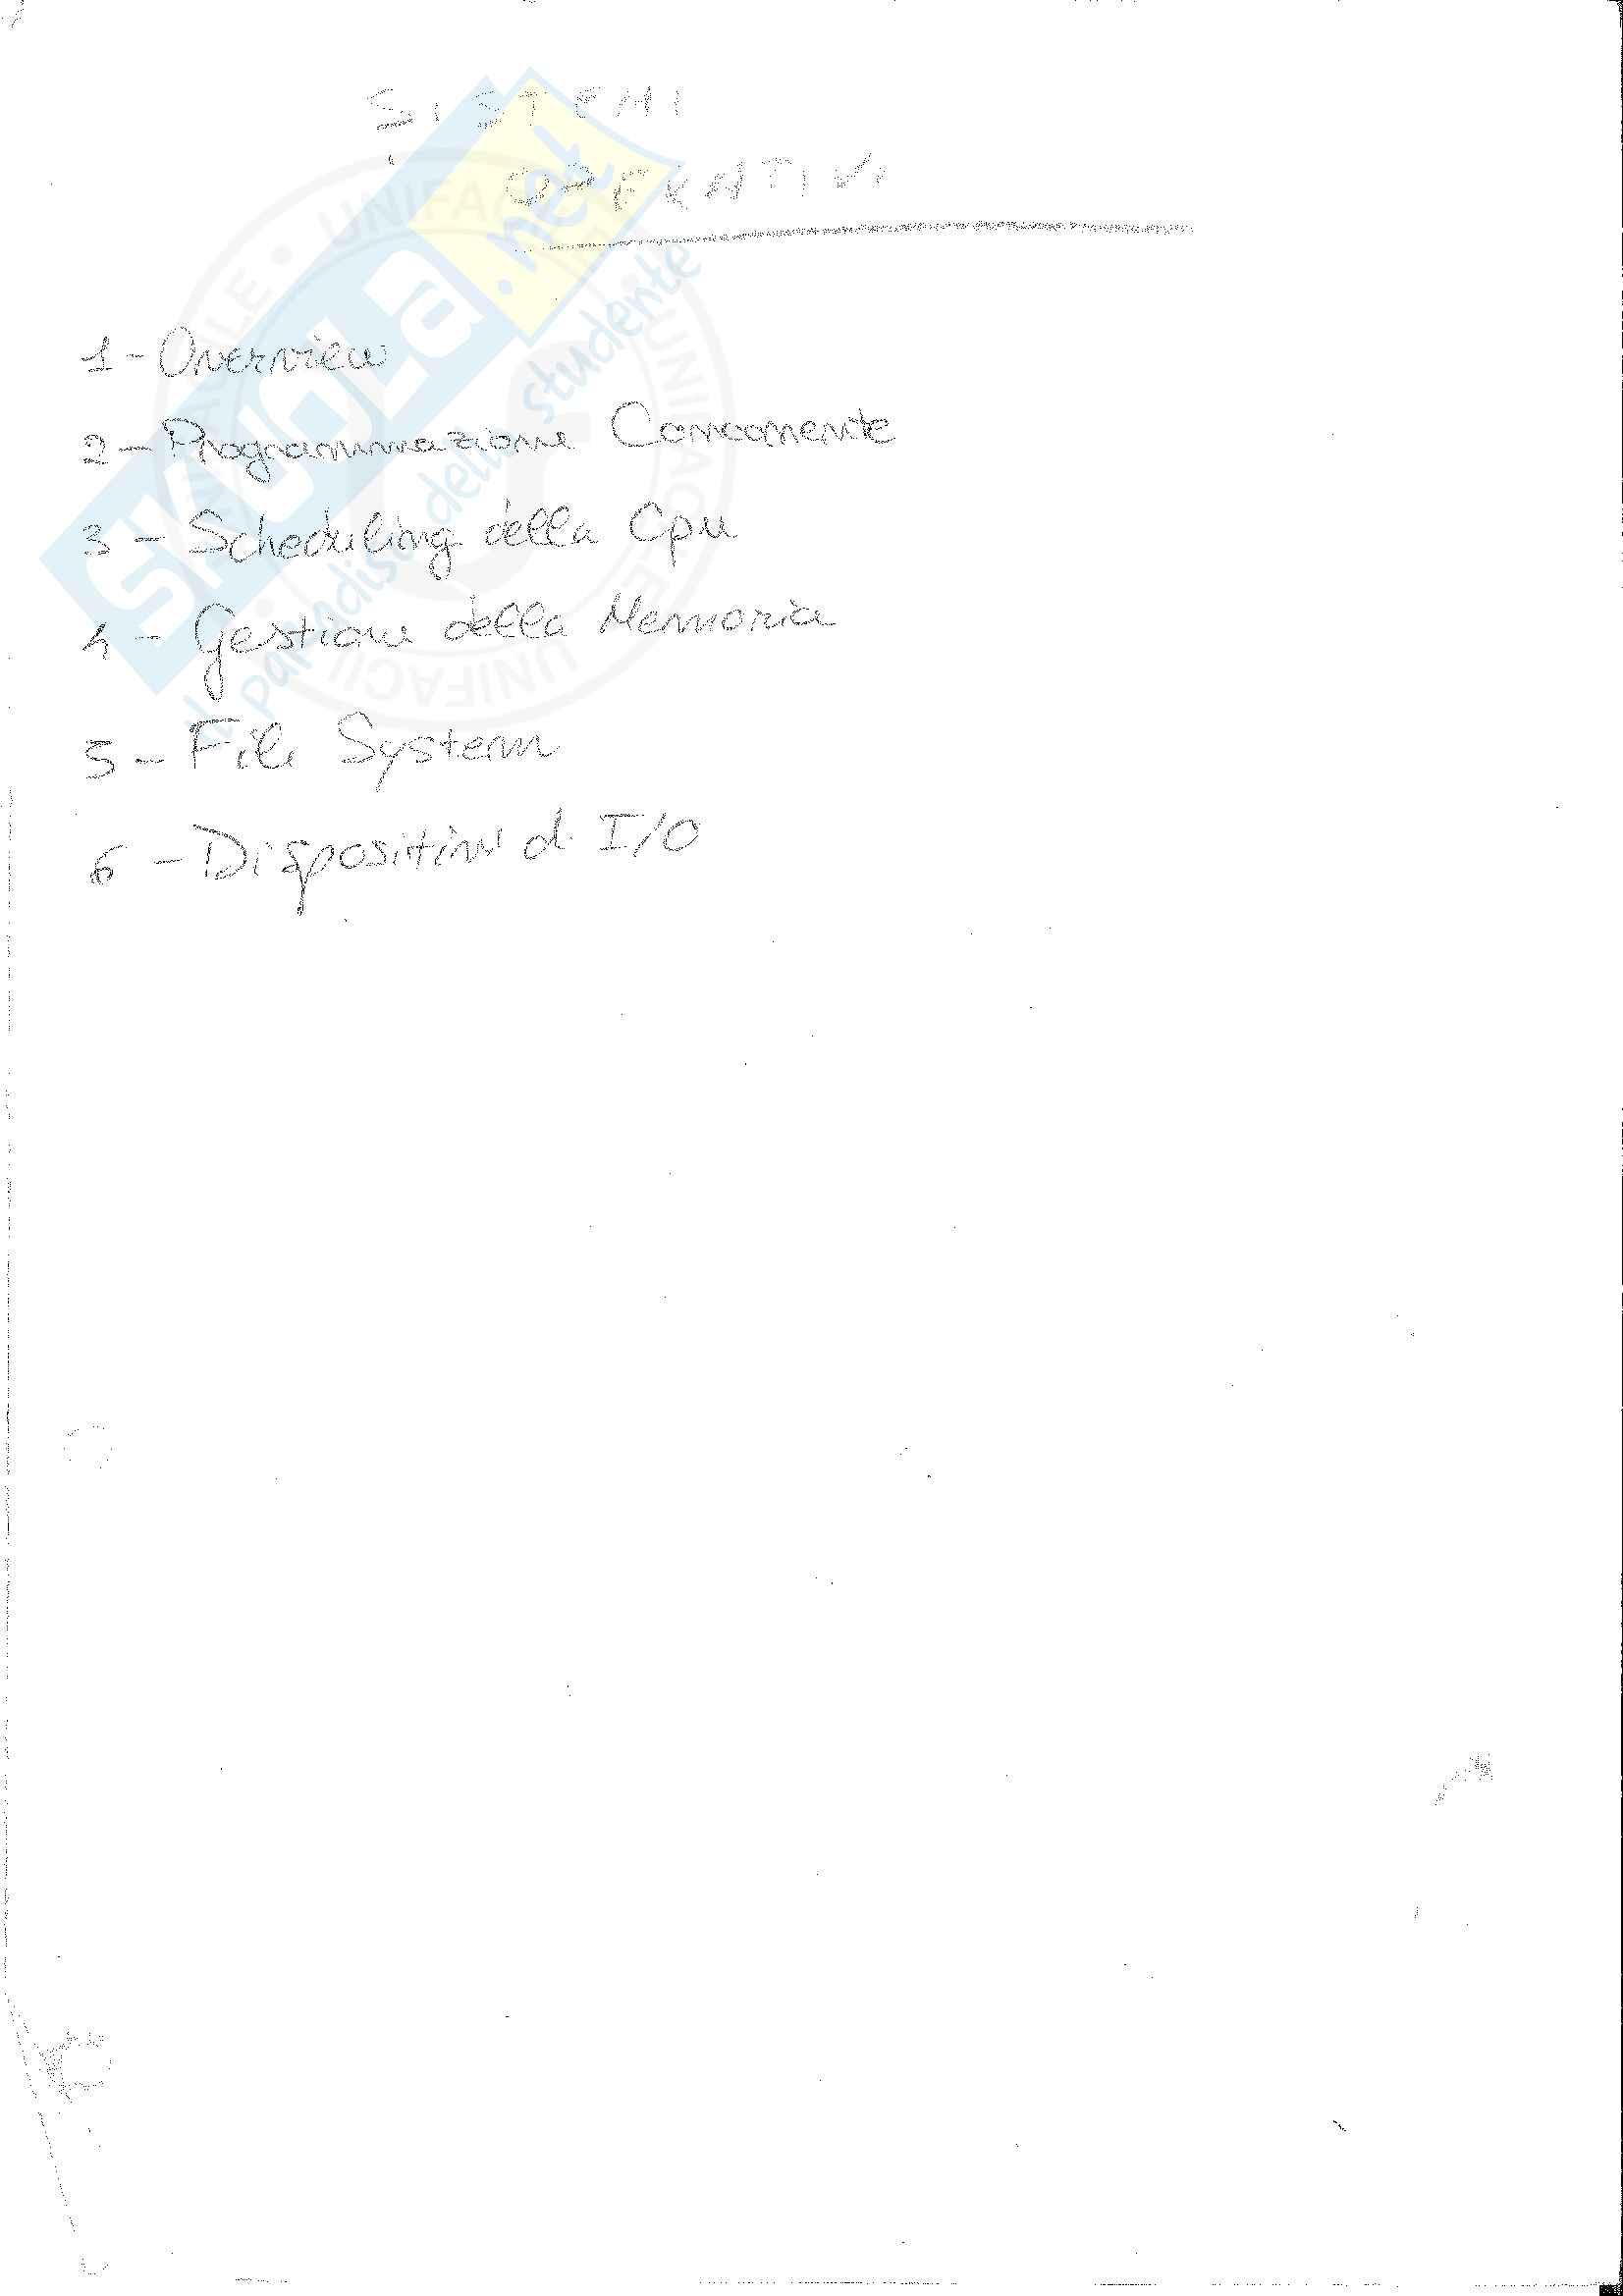 Appunti Completi Sistemi Operativi